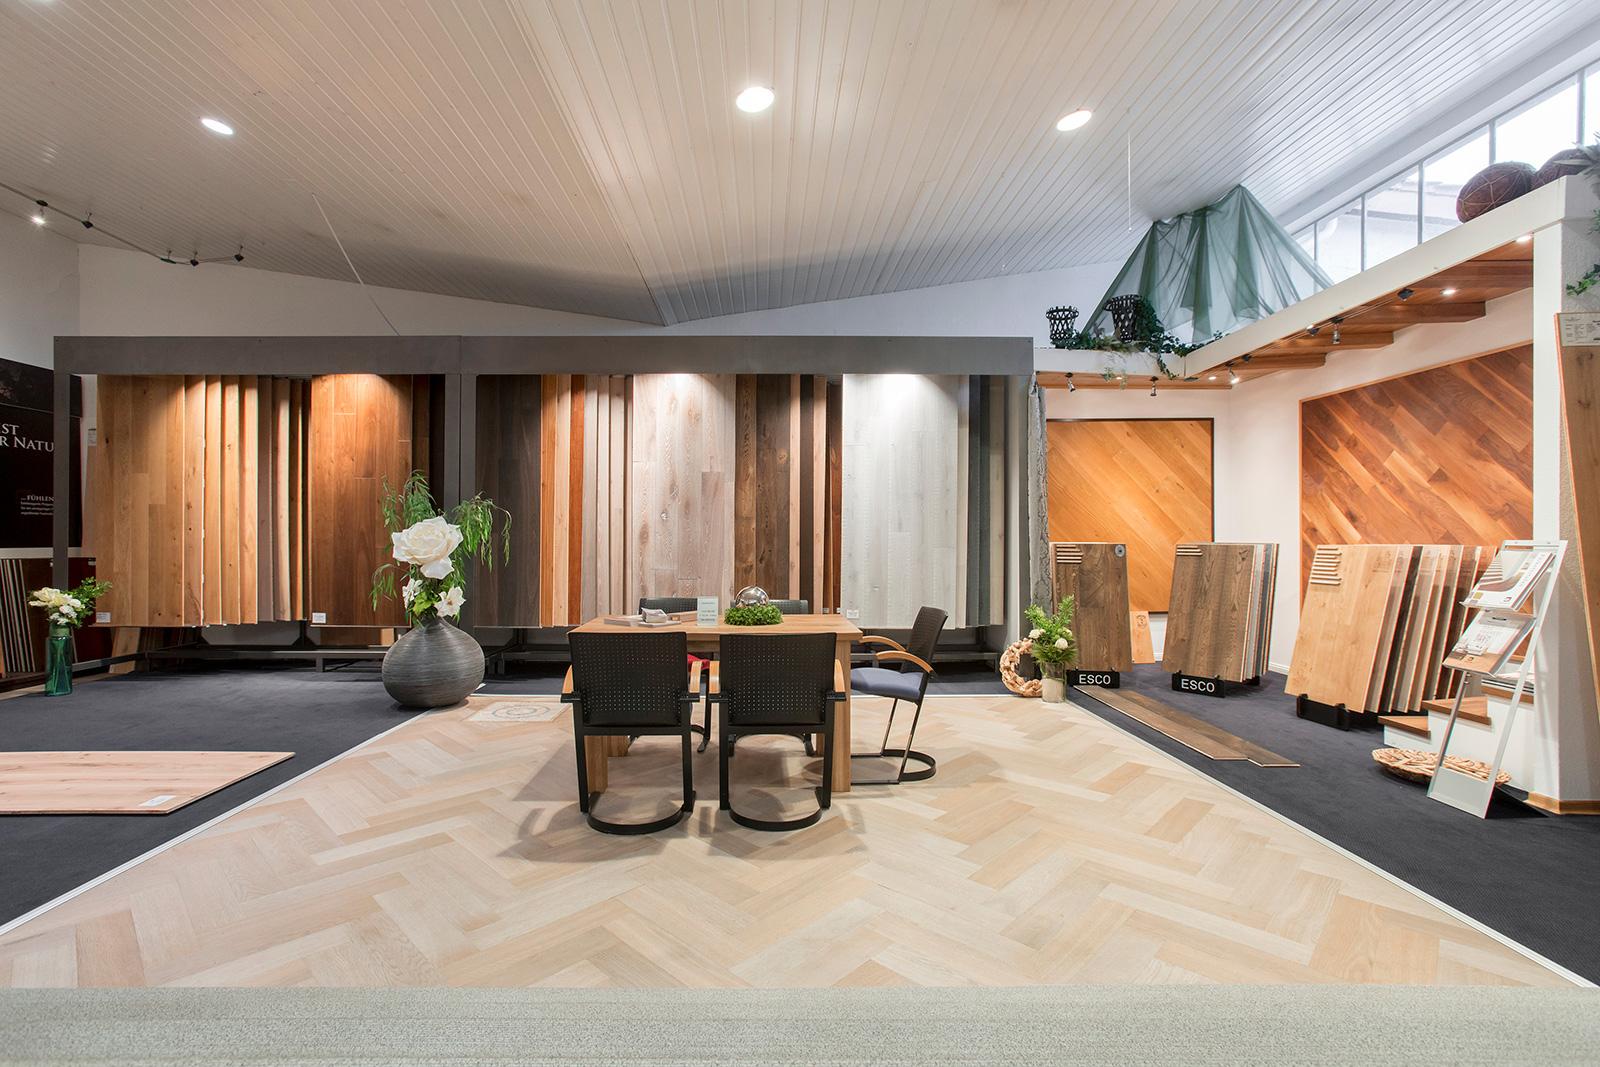 Fußboden Qualität ~ Fußboden kaufen sie vielfalt und qualität schäfers fußboden